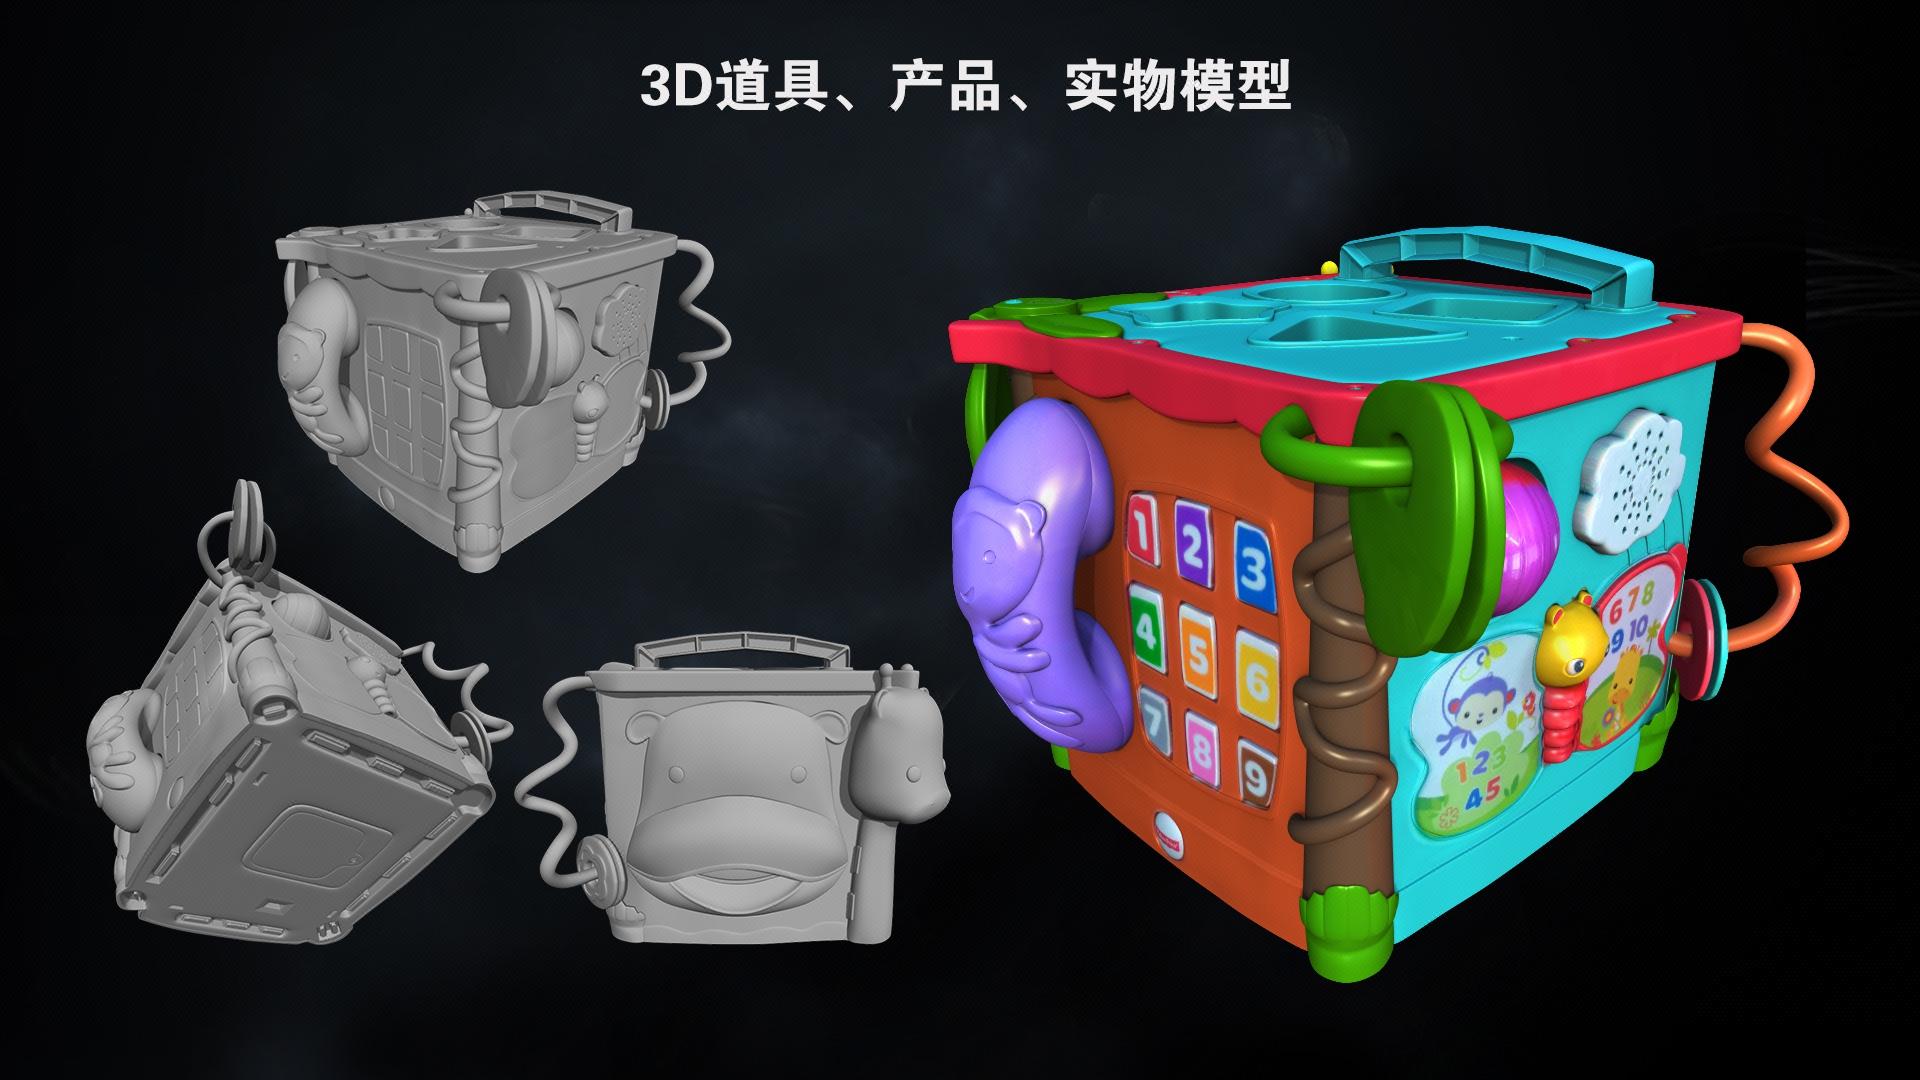 定制 三维模型制作 3D建模 产品外观效果设计 道具实物建模